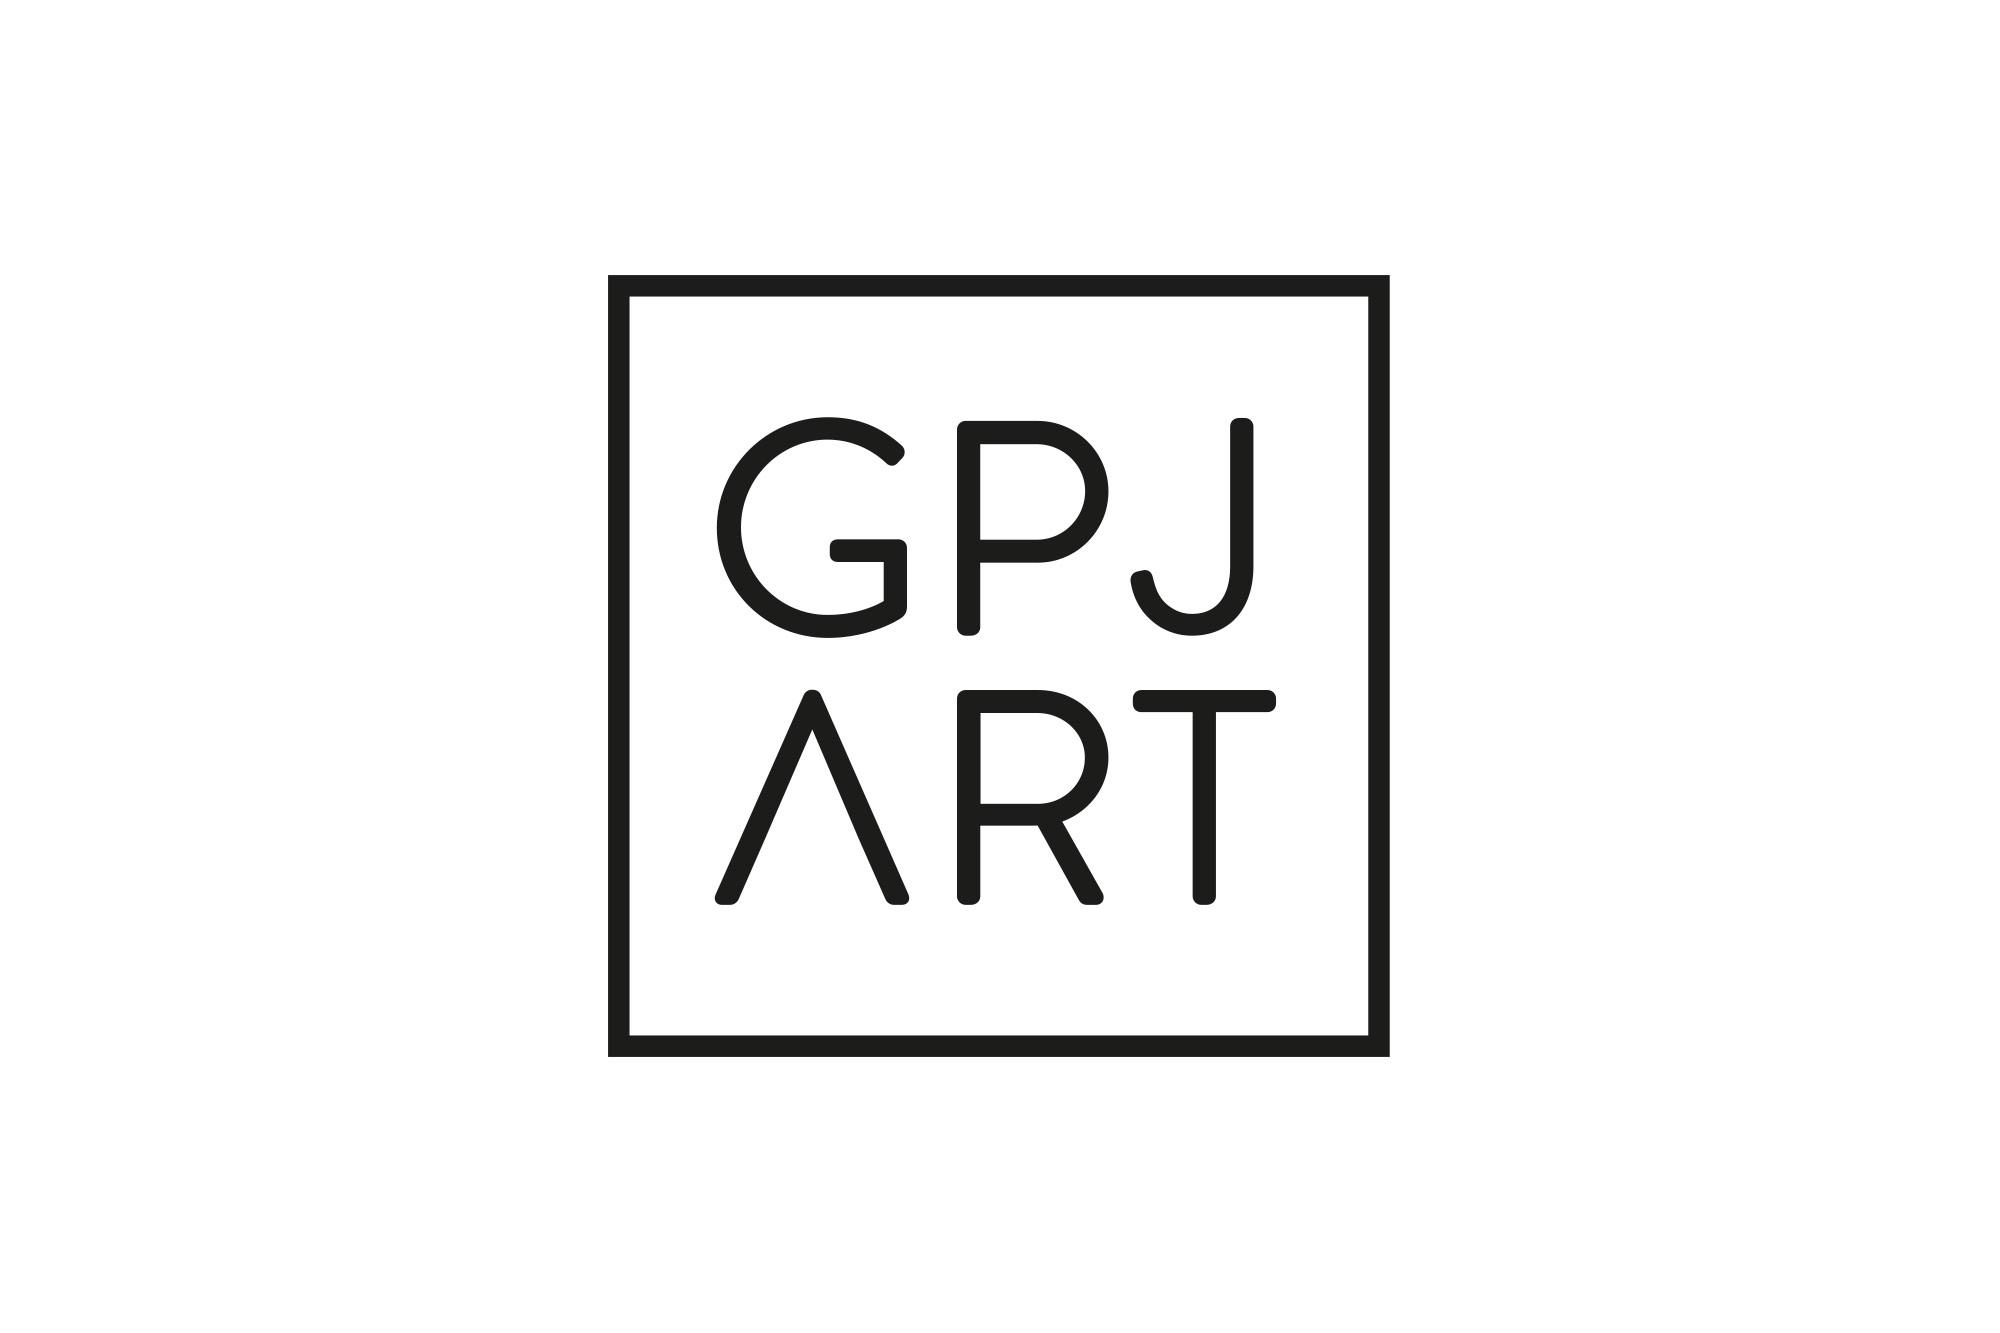 gpjart_cs_v1